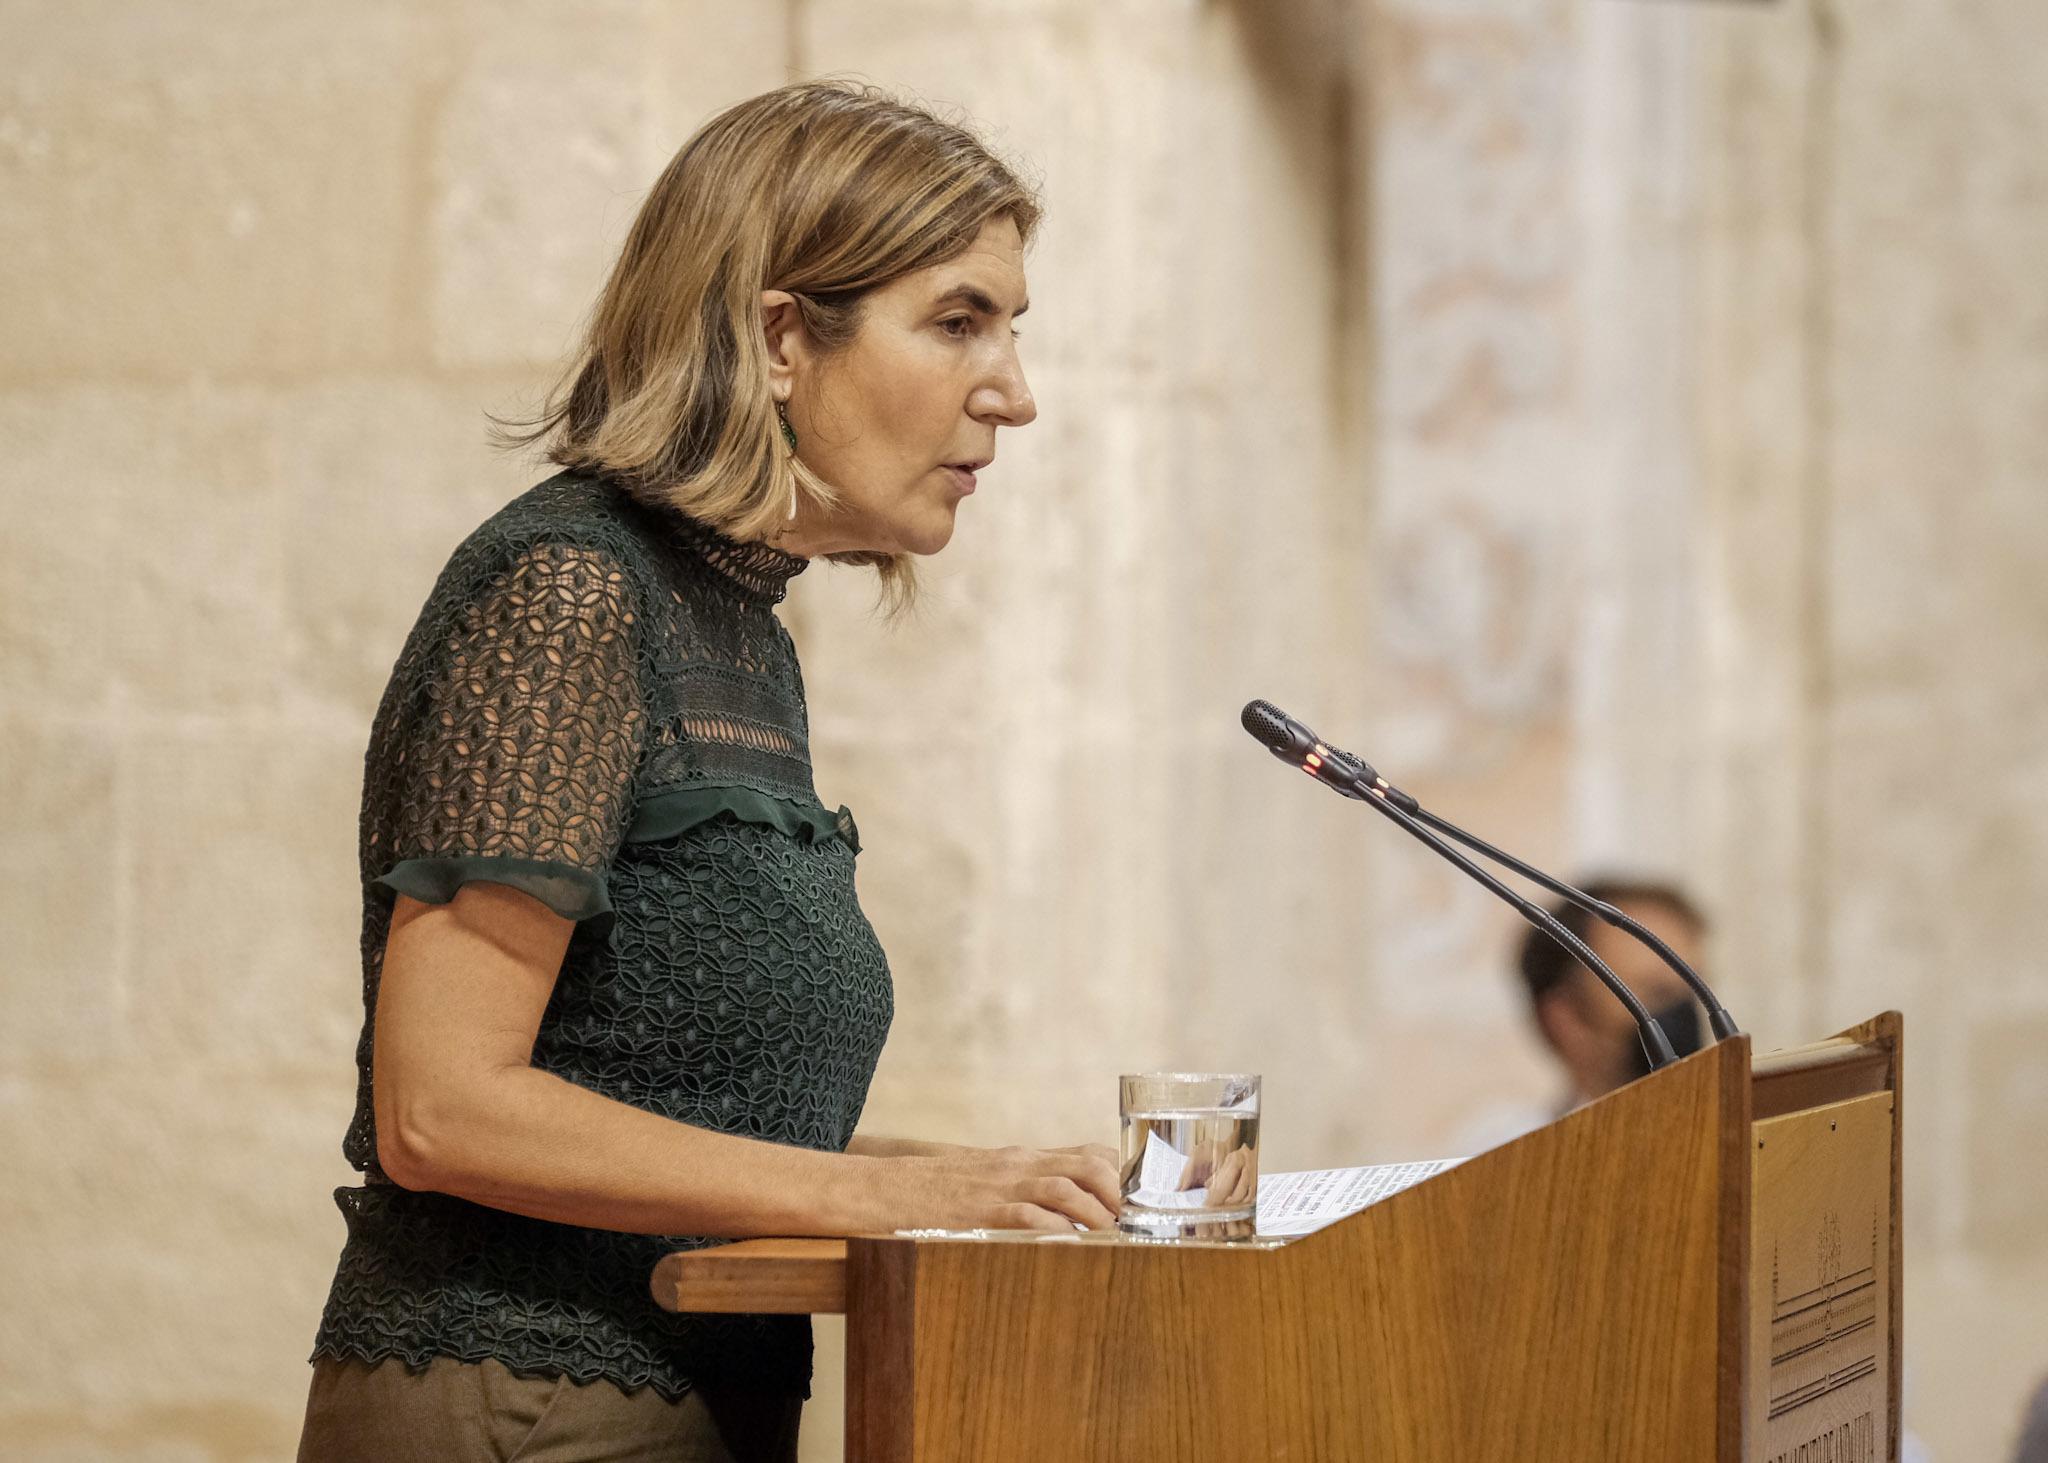 La consejera de Empleo, Rocío Blanco, en la Cámara andaluza.